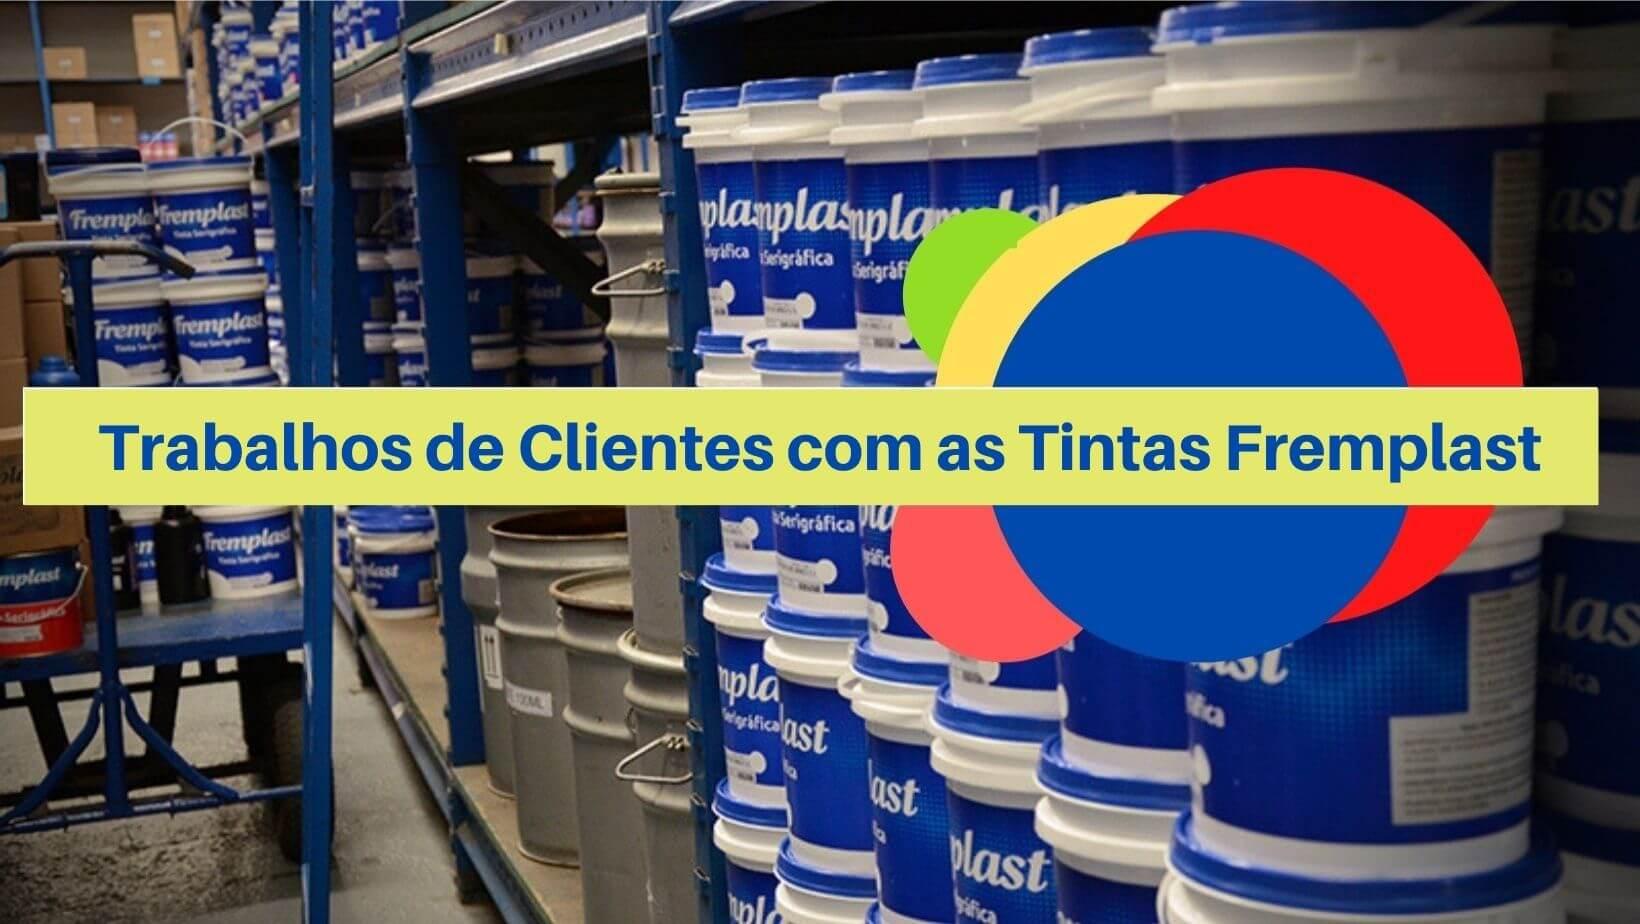 Trabalhos de Clientes com as Tintas Fremplast - Trabalhos de Clientes com as Tintas Fremplast